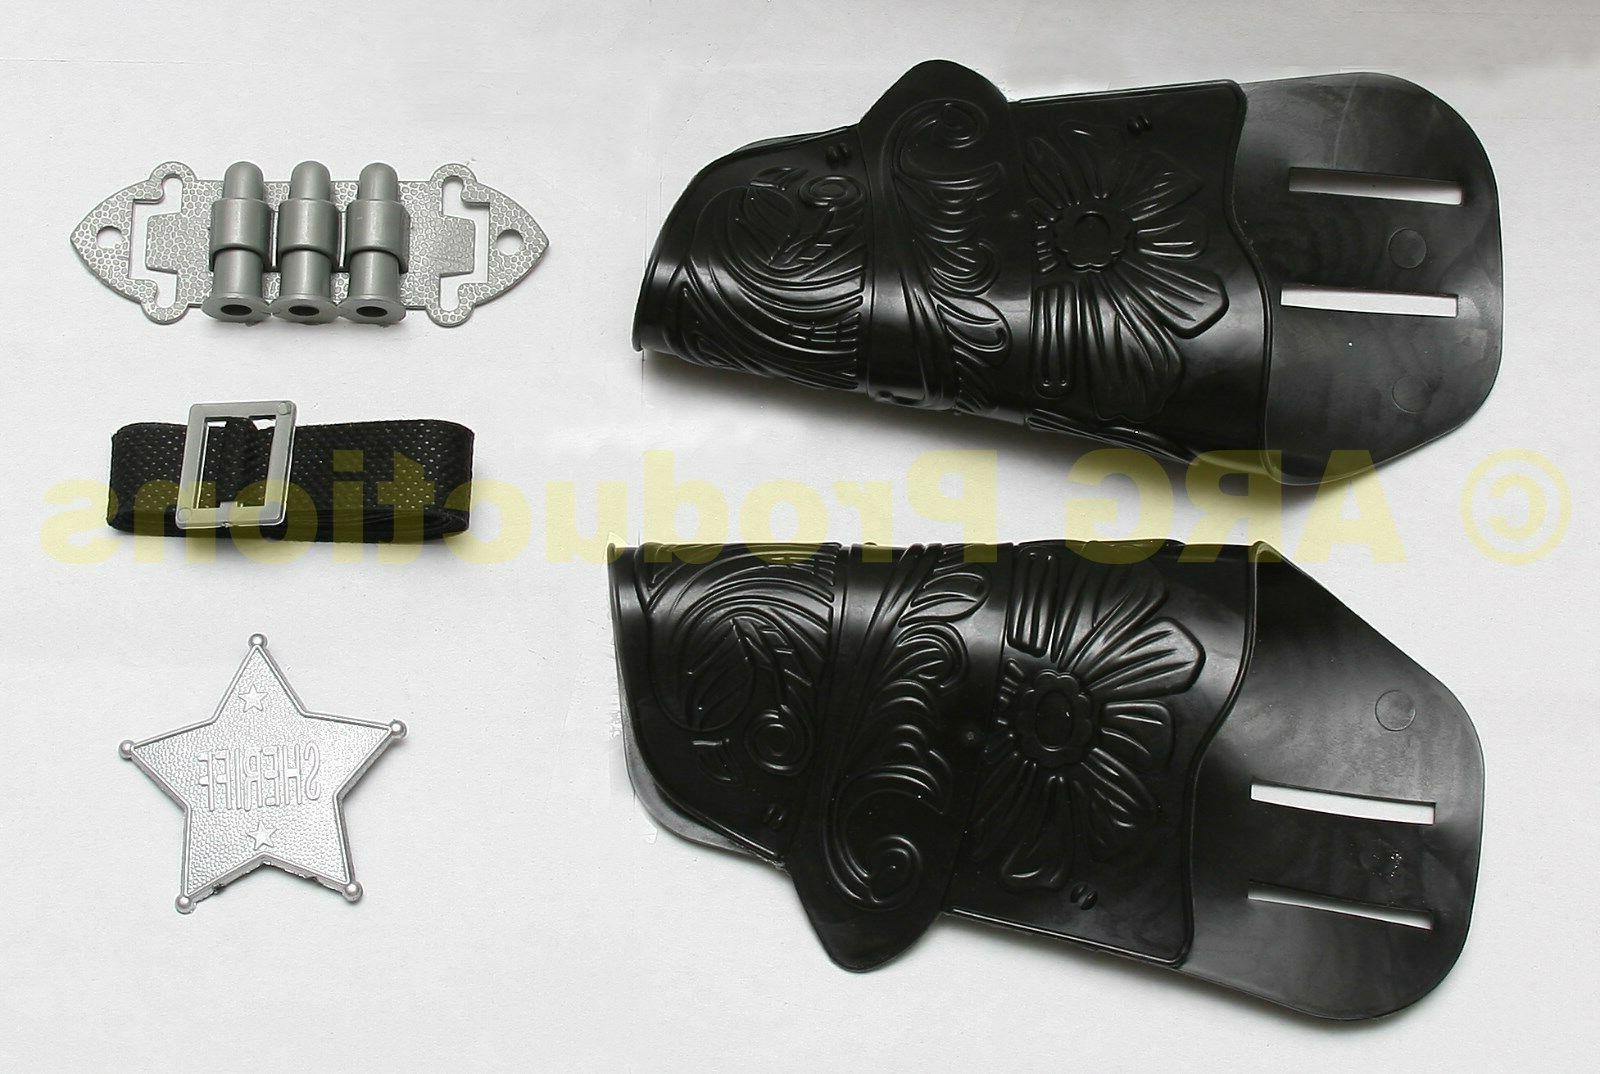 2 GUN TOY PISTOL WILD PLAY SET HOLSTER